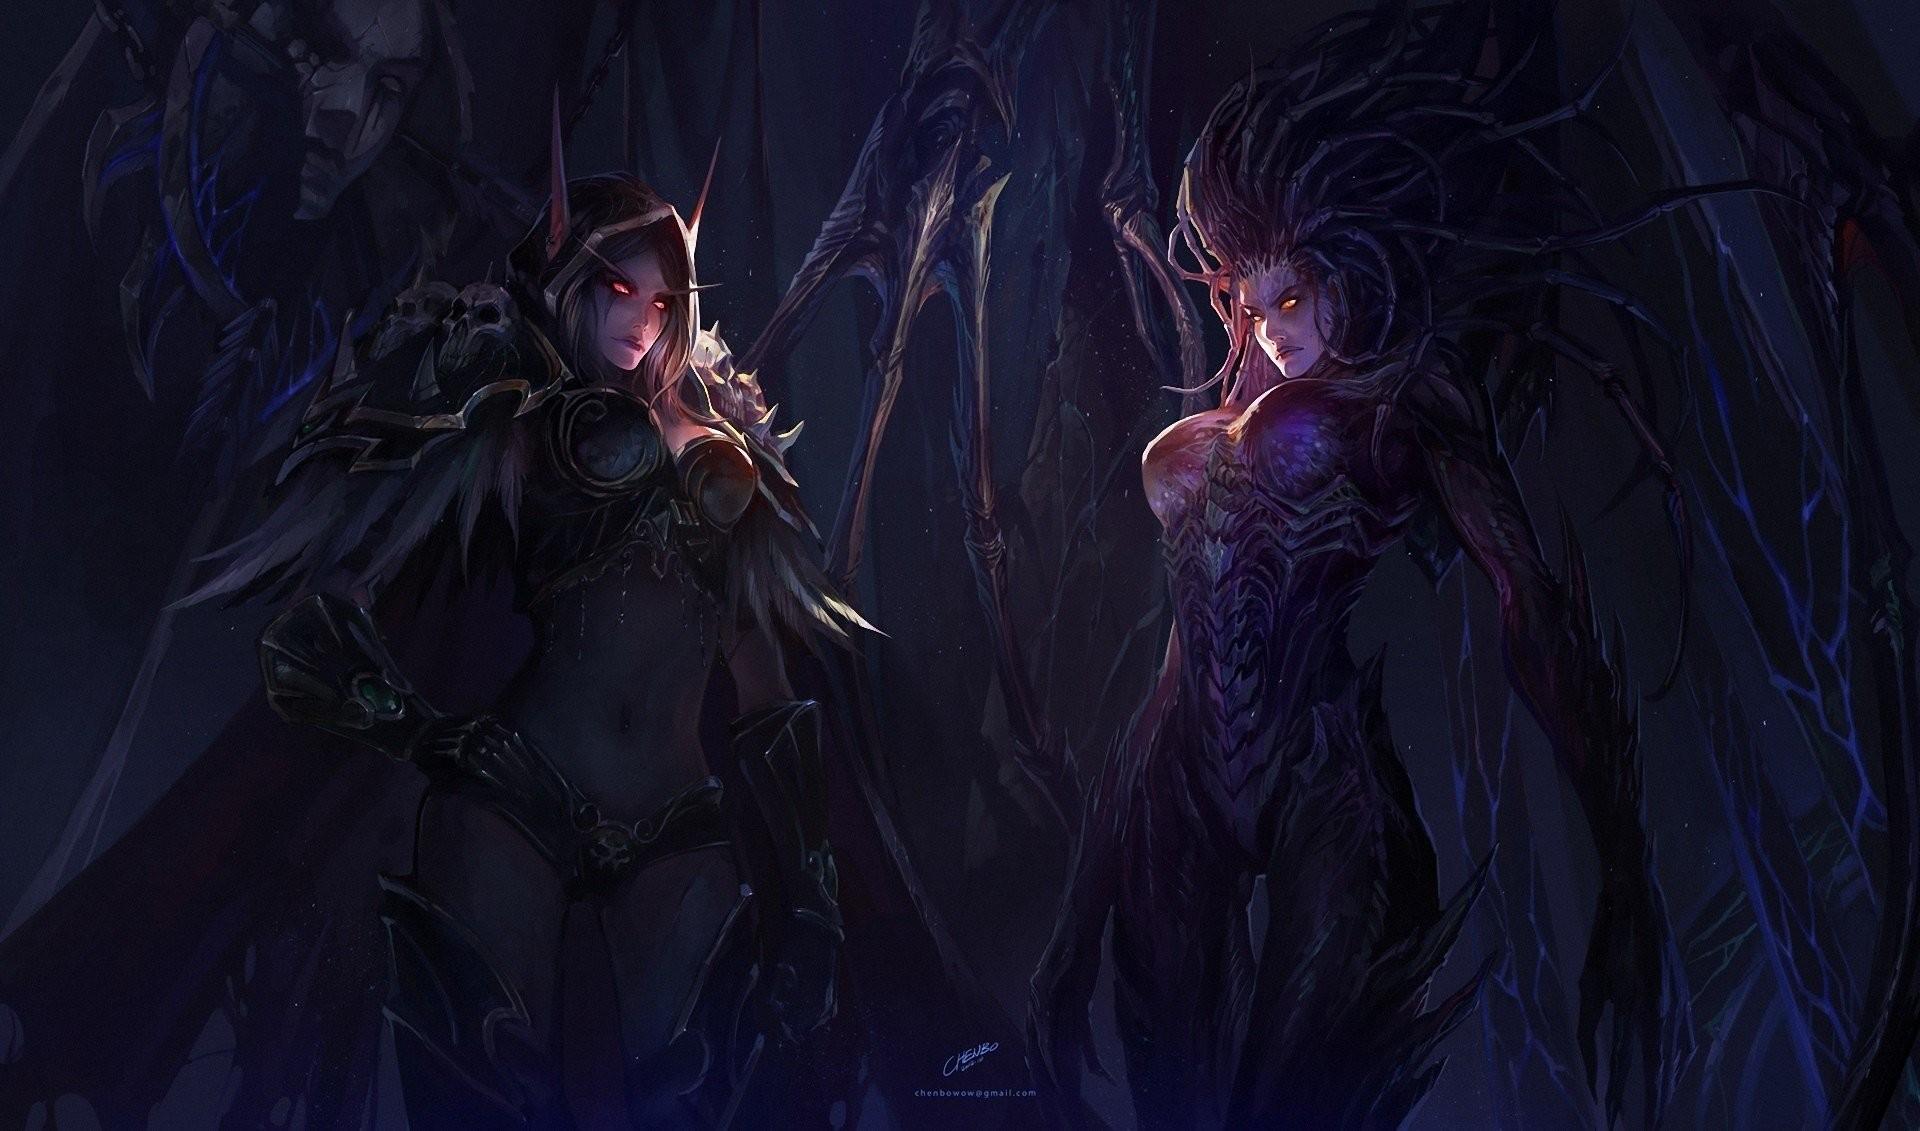 World Of Warcraft StarCraft Lady Sylvanas Sarah Kerrigan